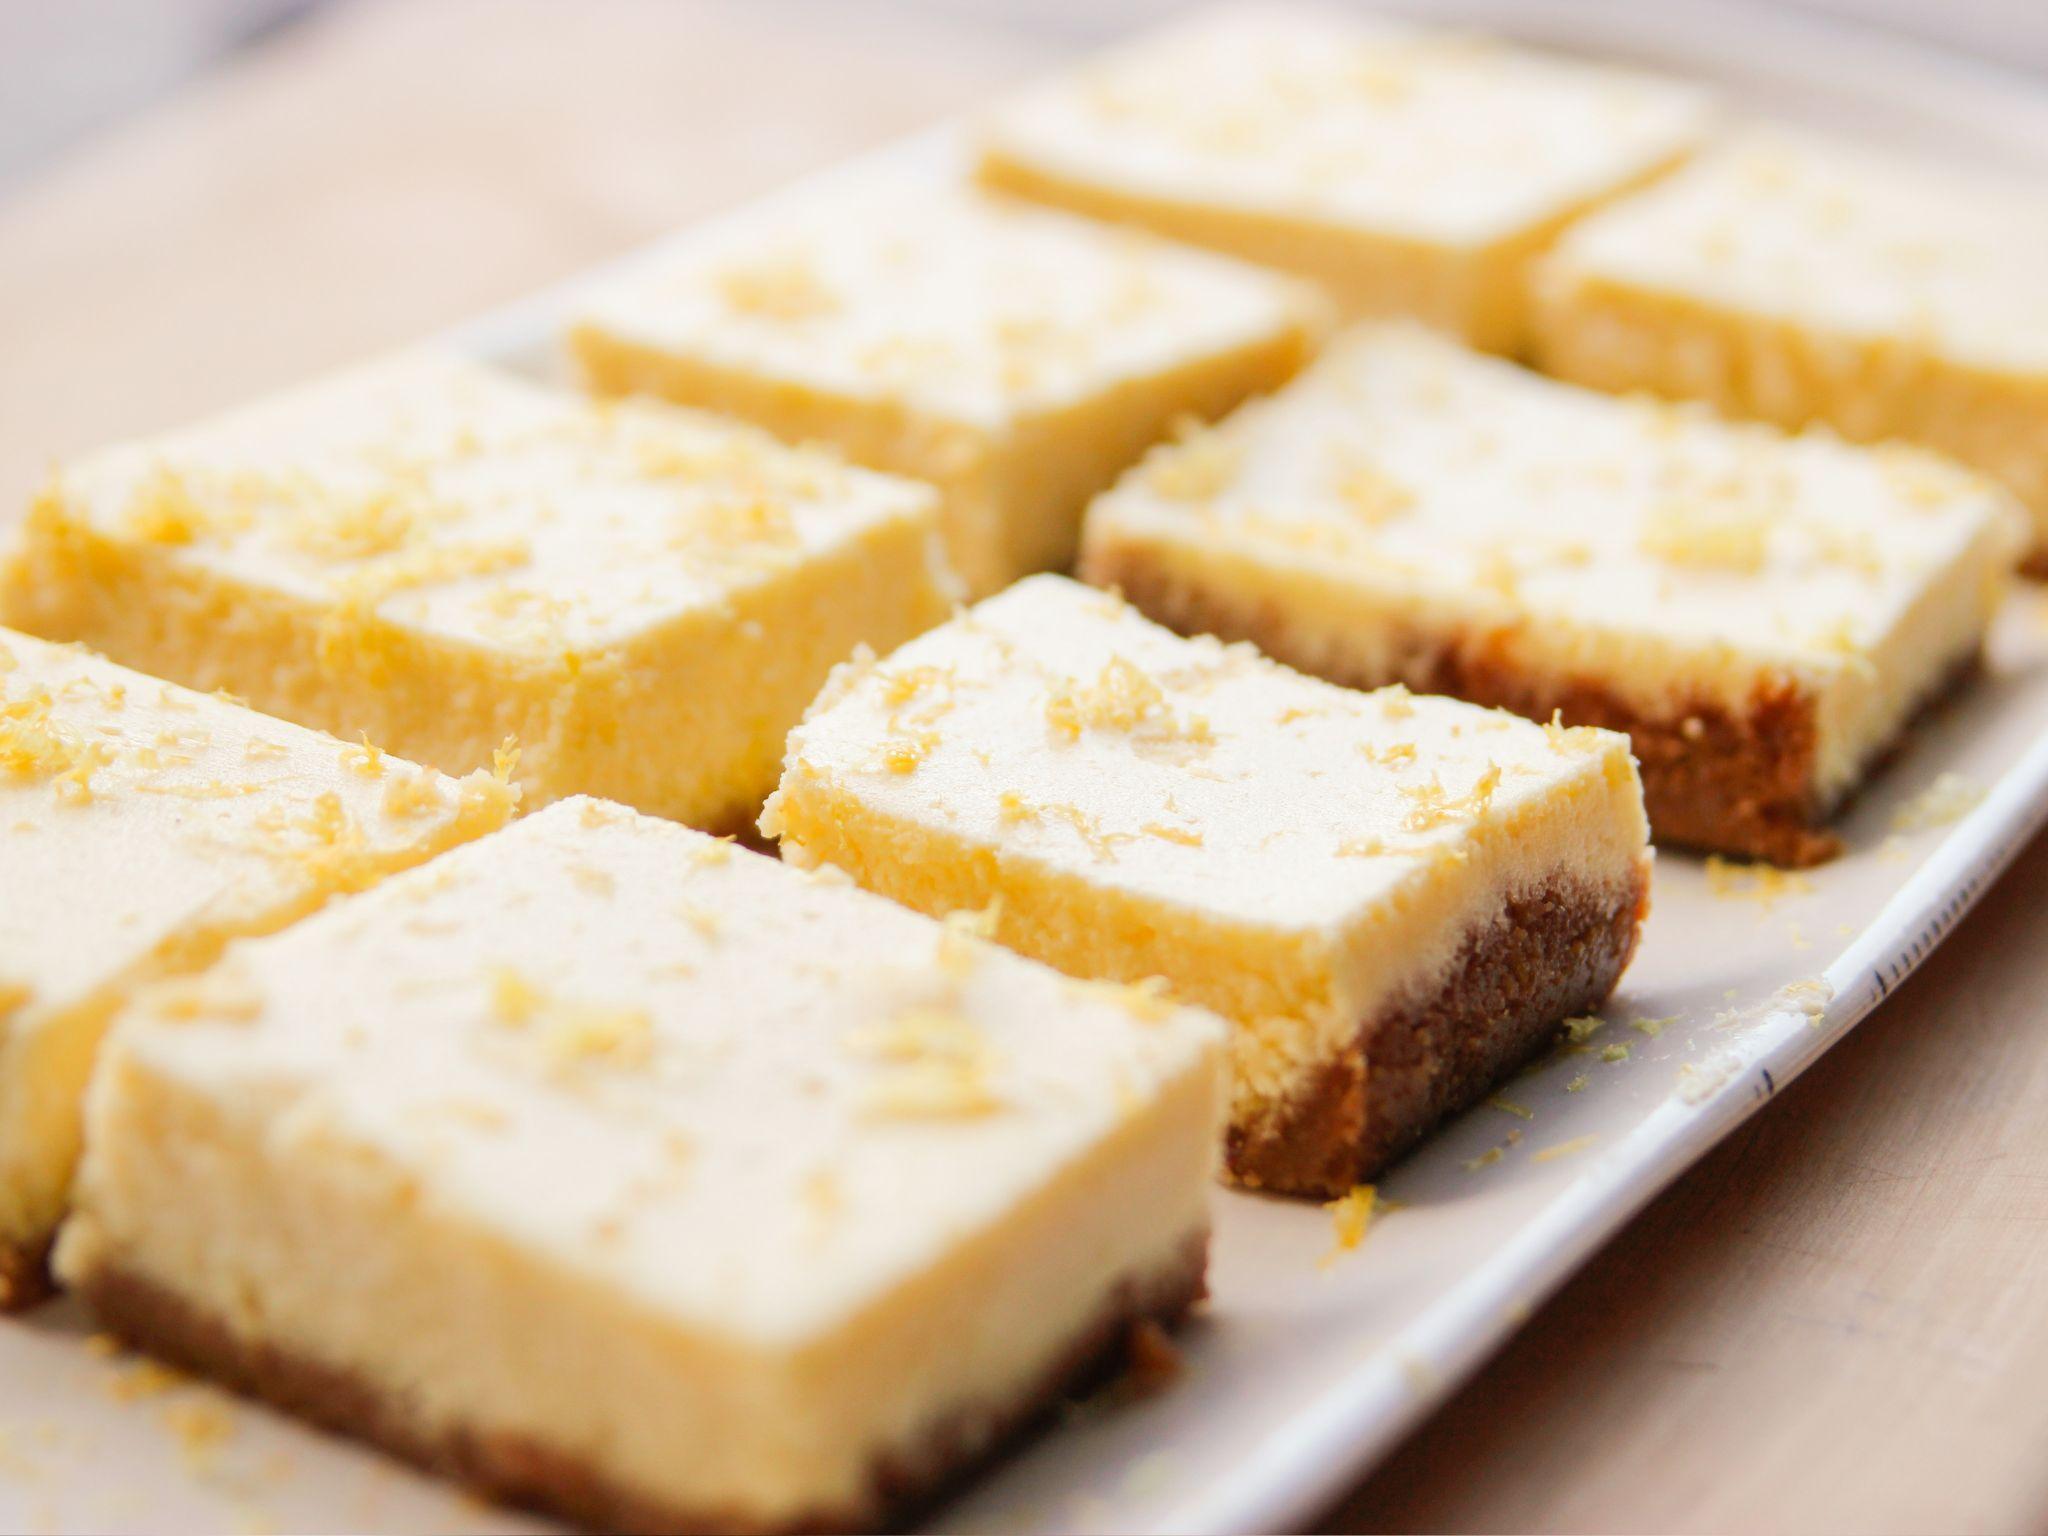 Limoncello Ricotta Cheesecake Recipe Desserts Cheesecake Recipes Food Network Recipes